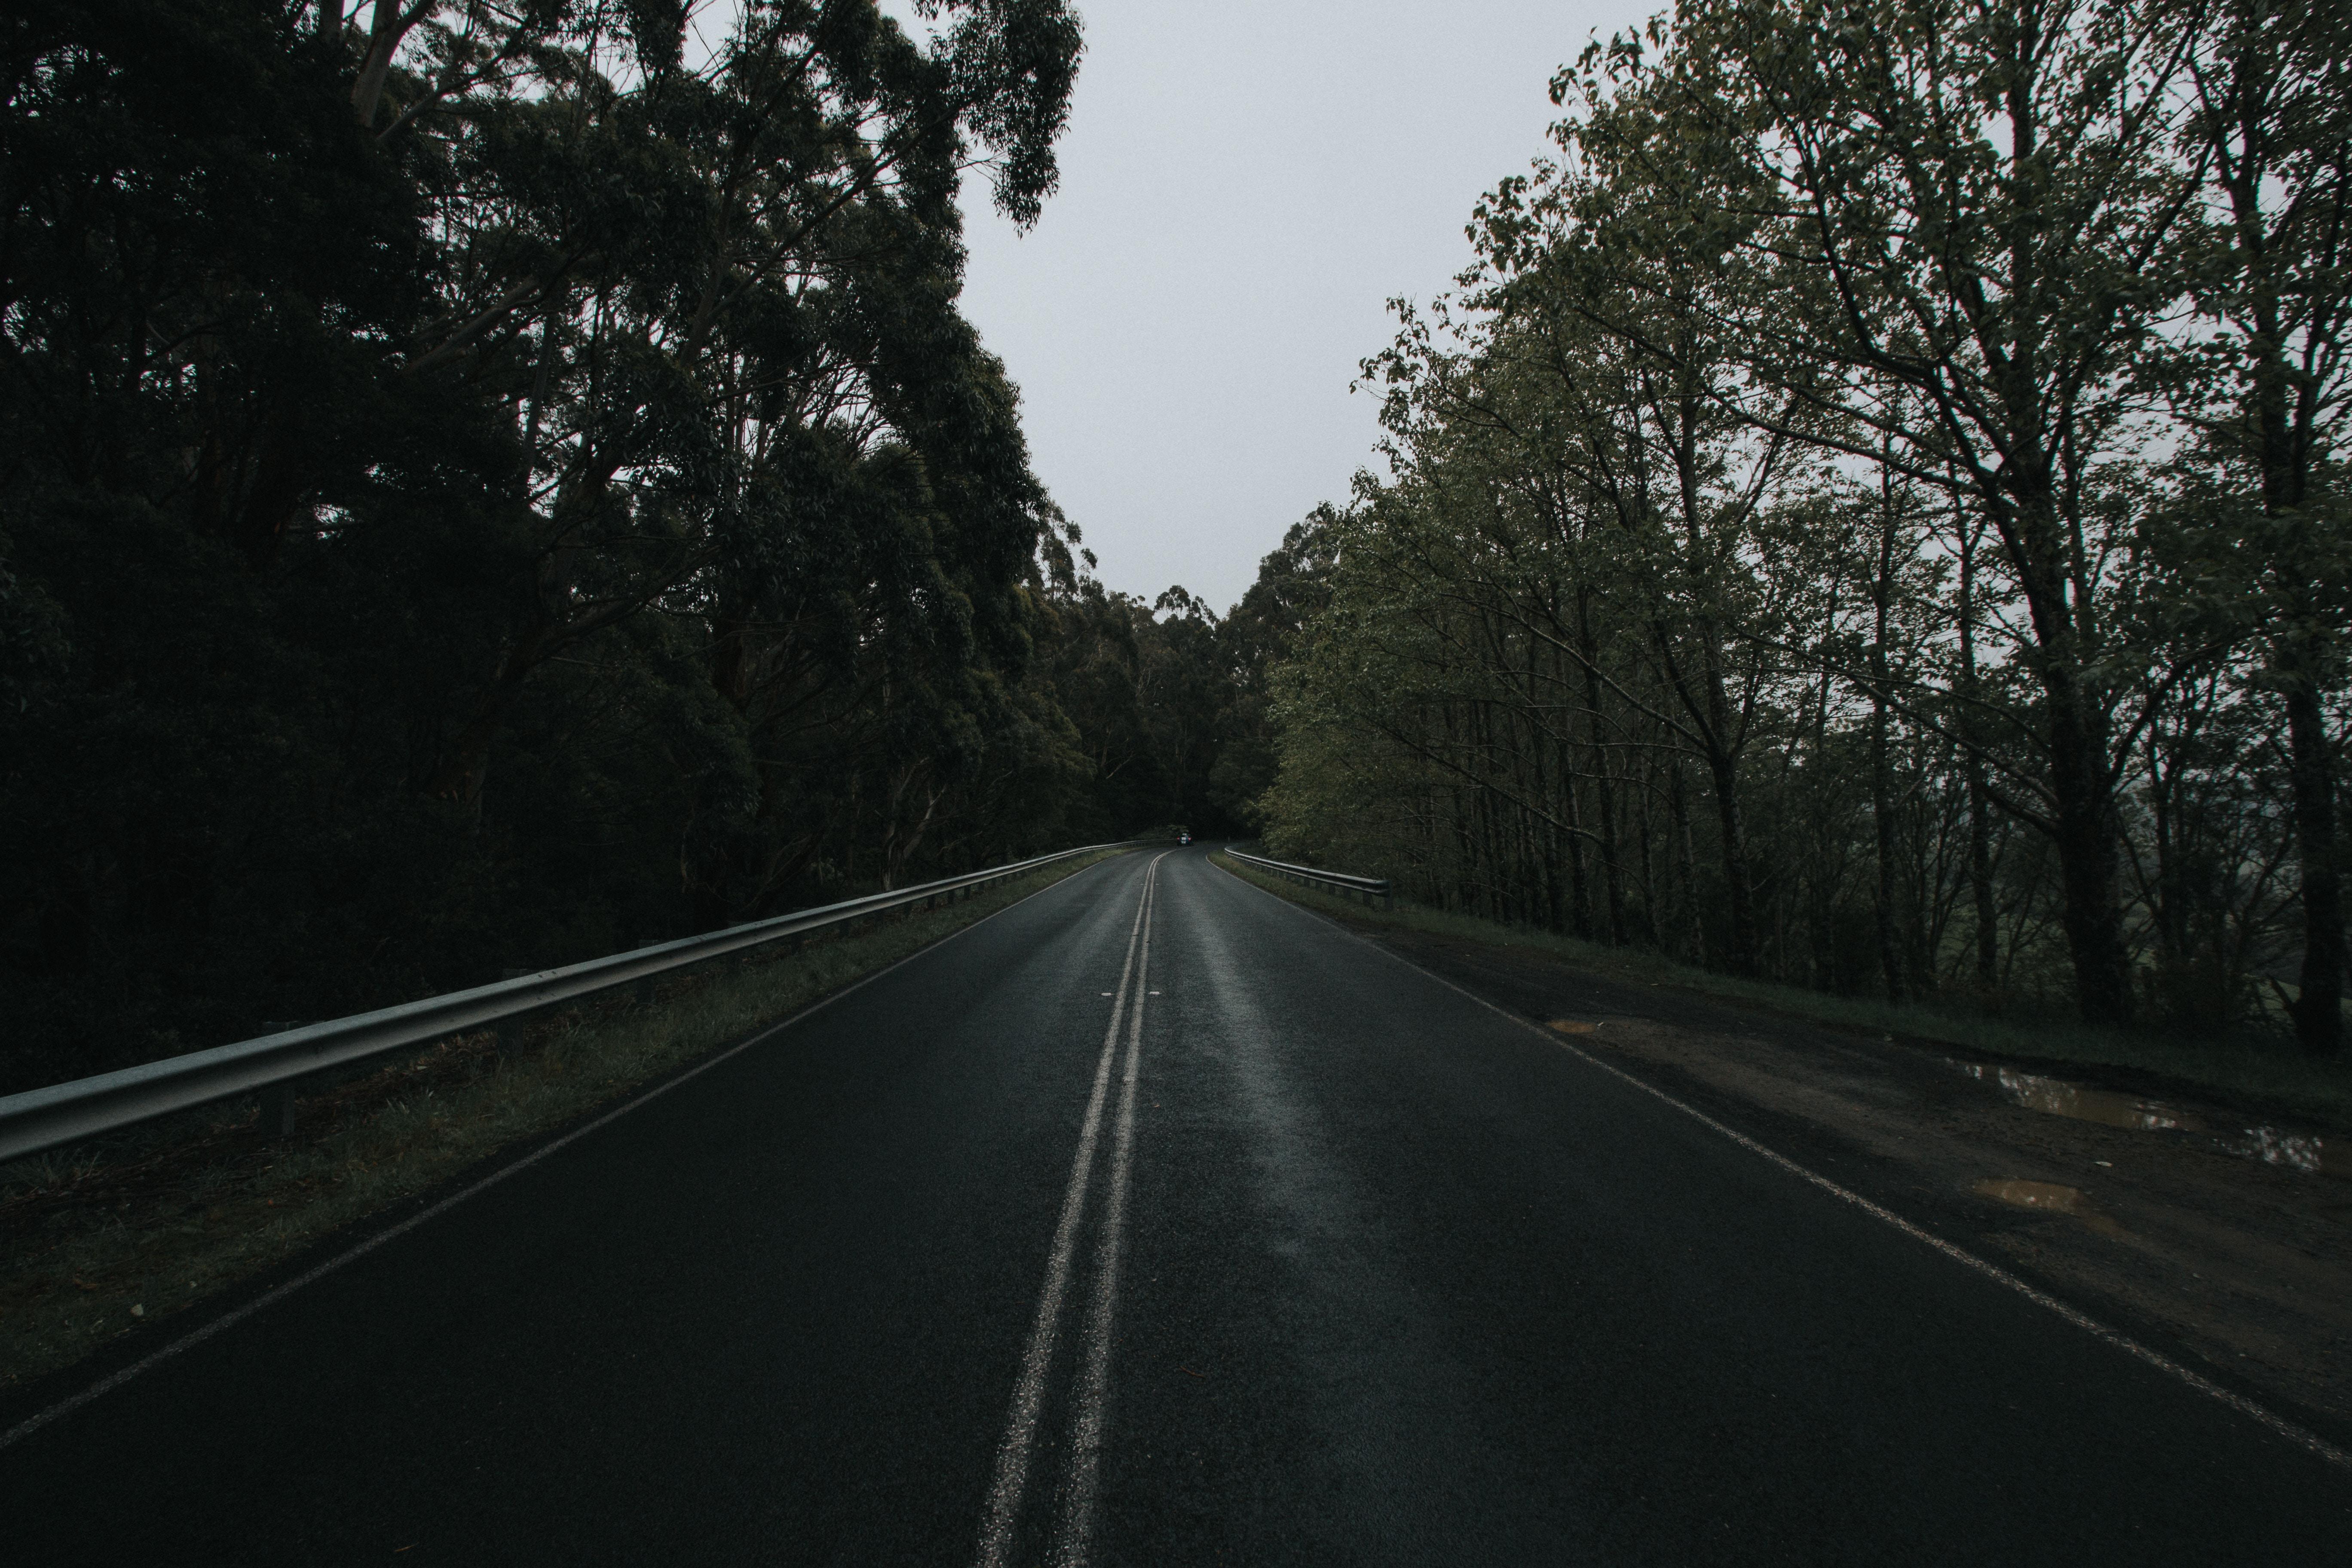 concrete road towards trees